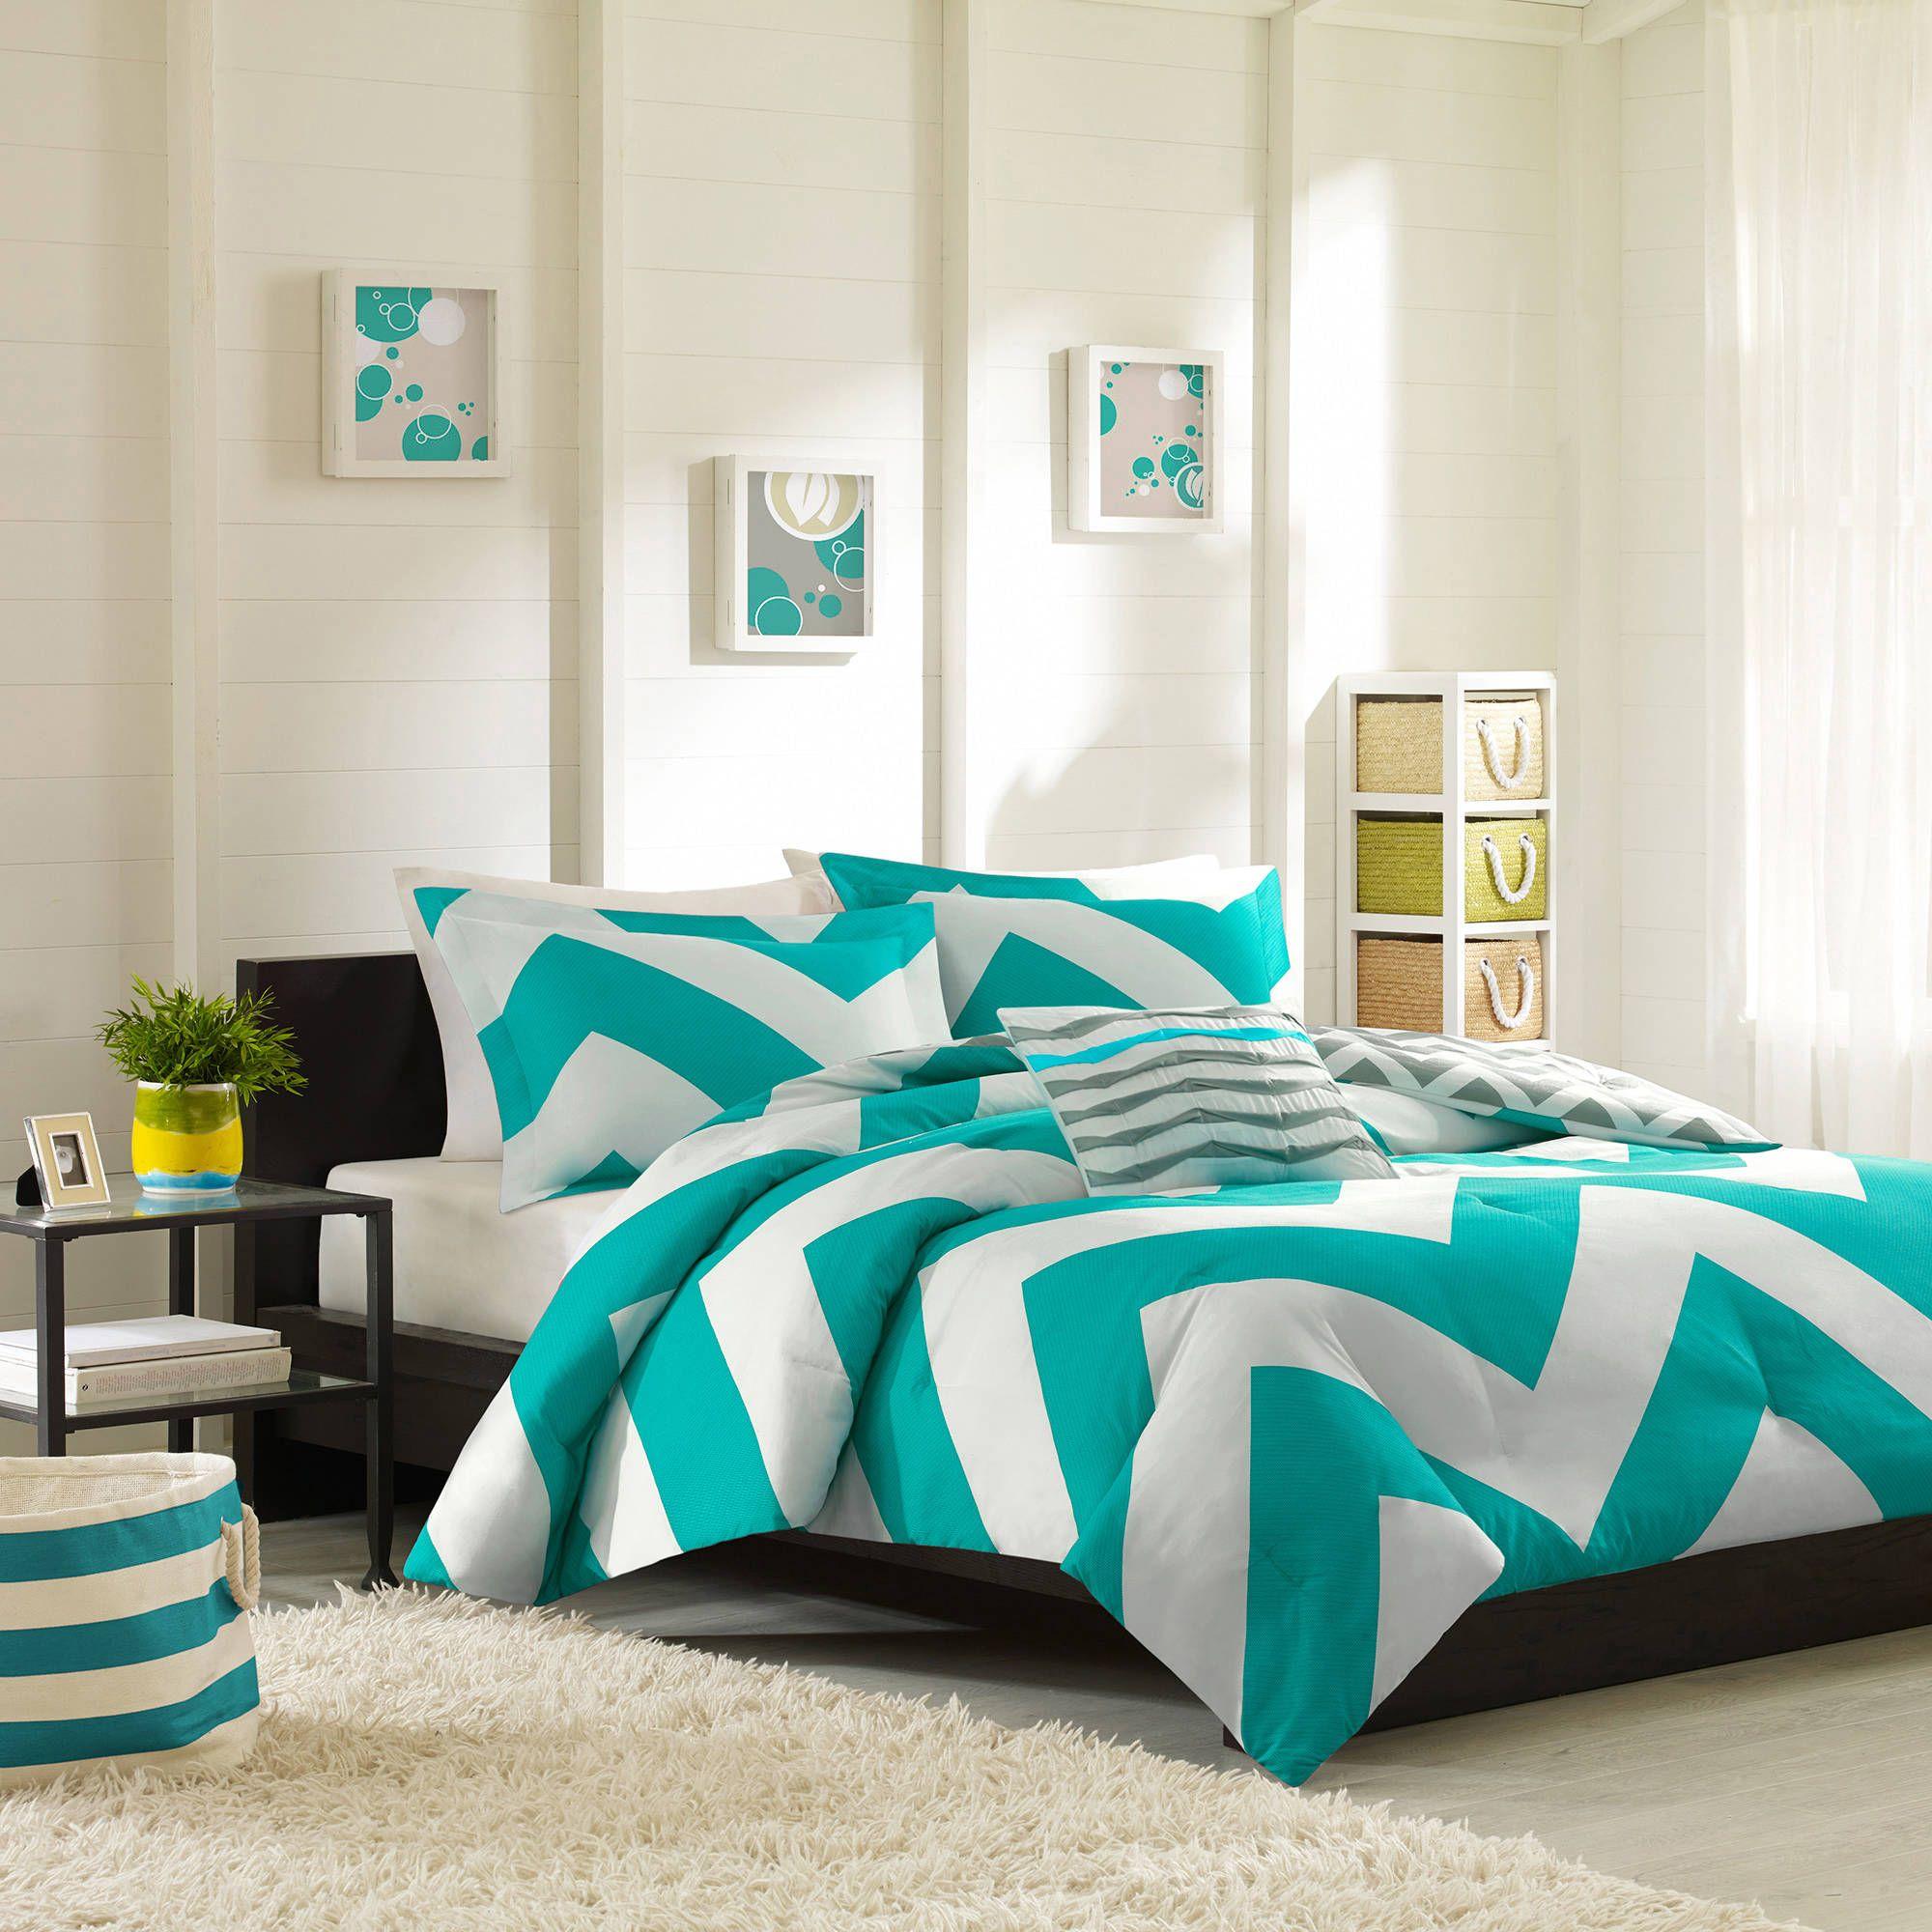 Home Essence Apartment Darcy Bedding Comforter Set - Walmart.com ...